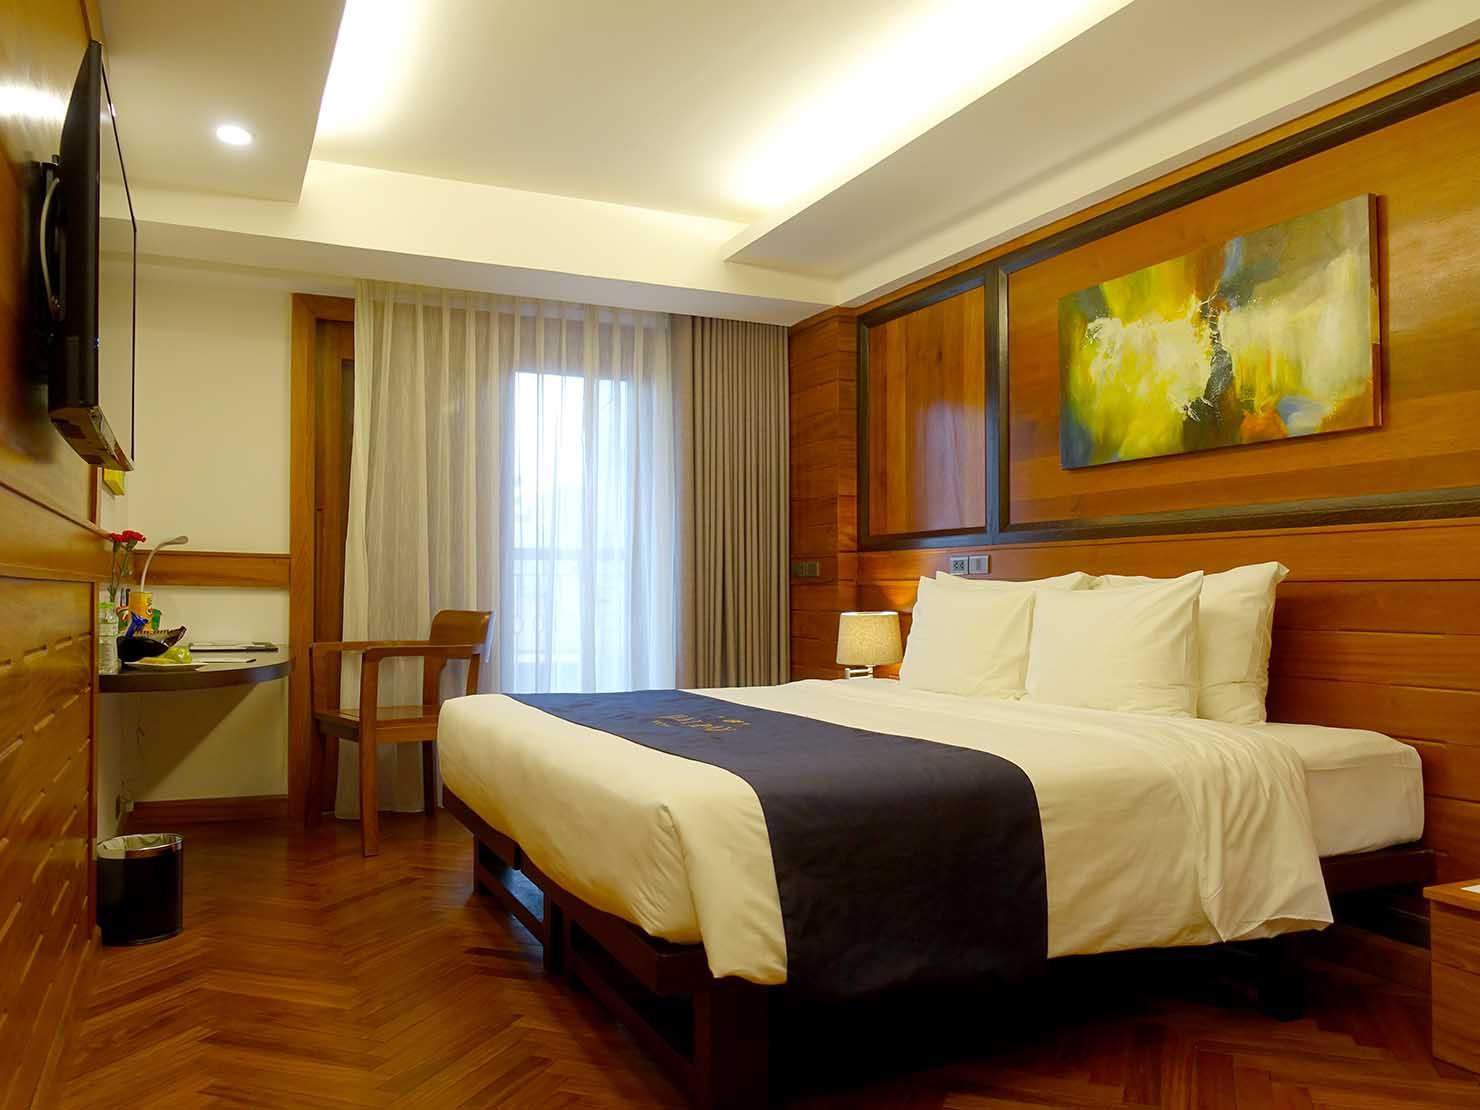 ハノイ旧市街ど真ん中の観光に便利なおすすめホテル「Hai Bay Hotel」玄関側から見たエグゼクティブ・ダブルルーム